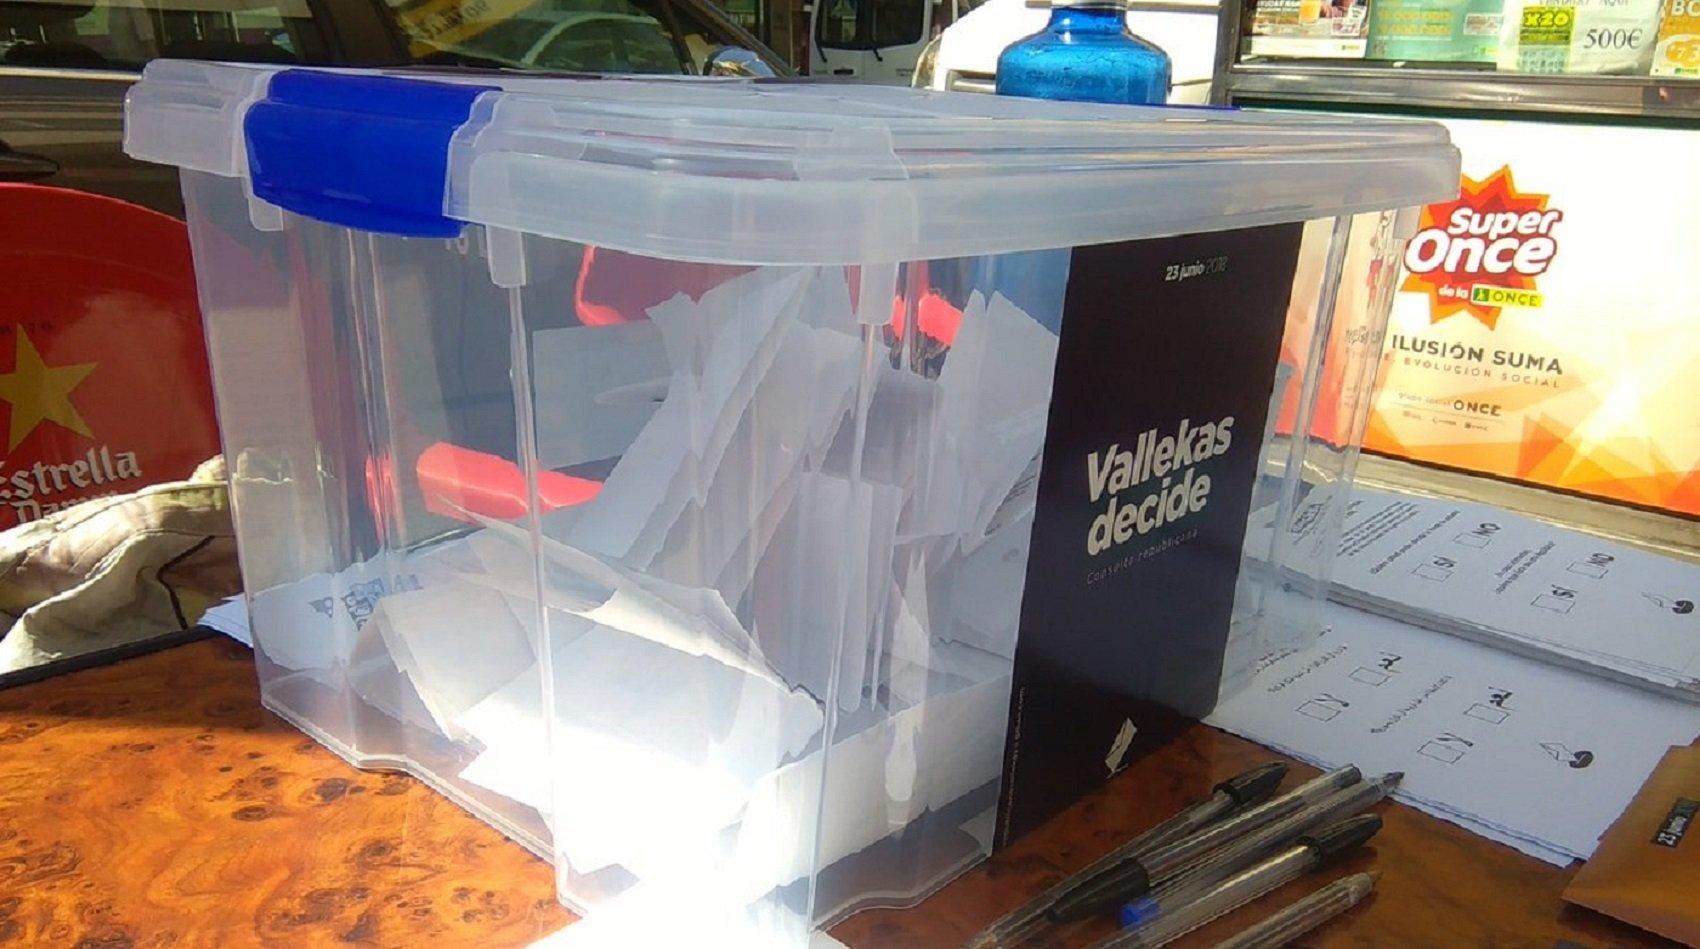 urna vallecas 2 consulta república @vallekasdecide